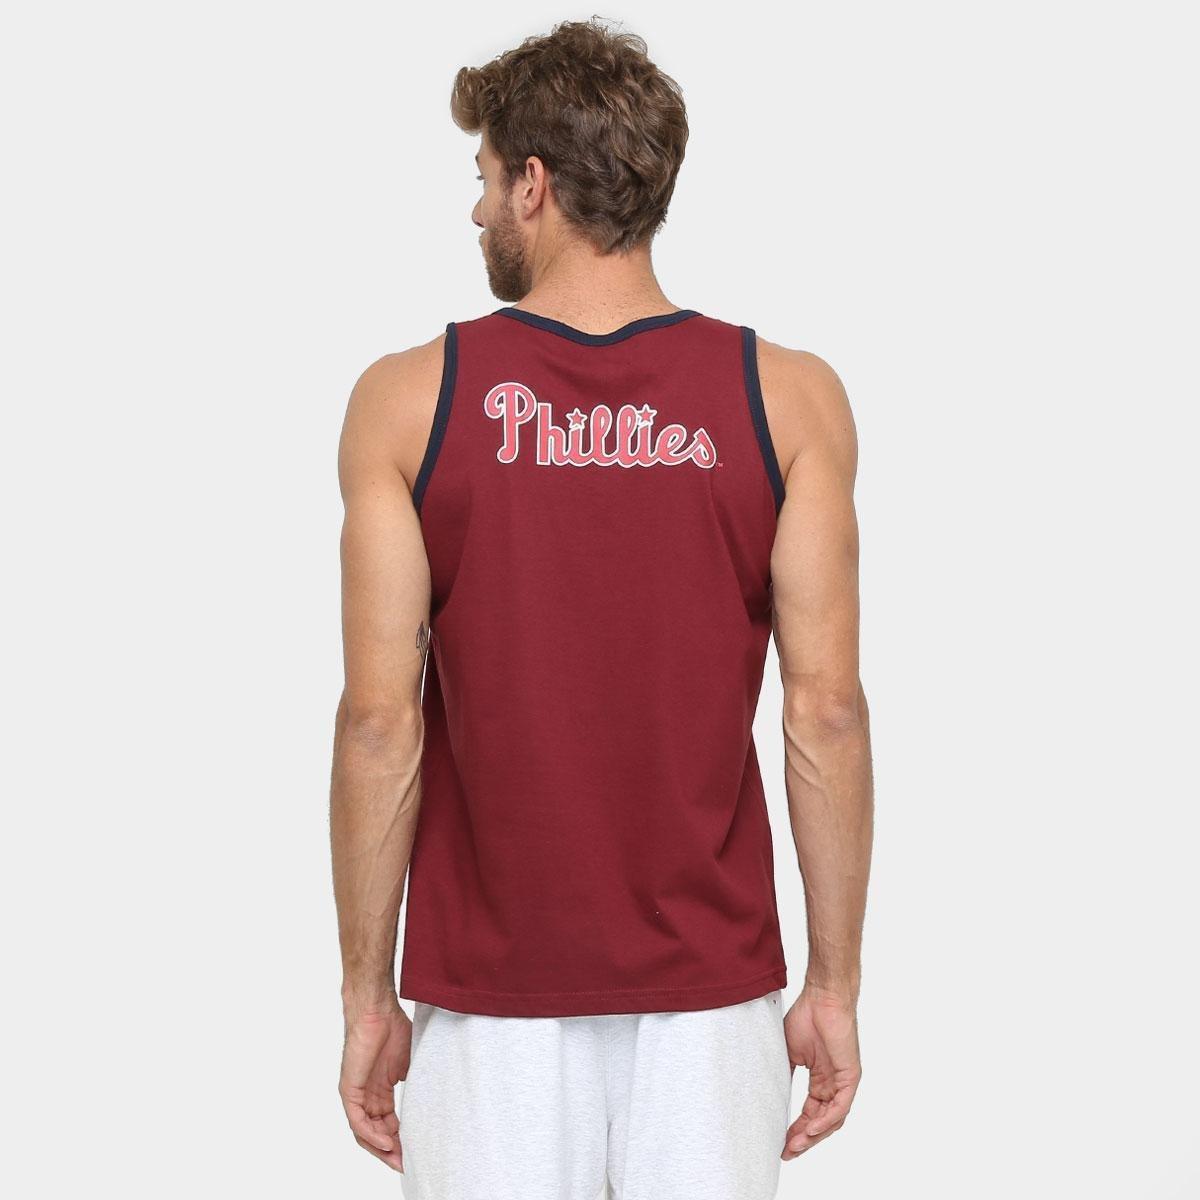 ... Camiseta Regata New Era MLB Double Stripe 3 Philadelphia Philies ... 285828b6a48